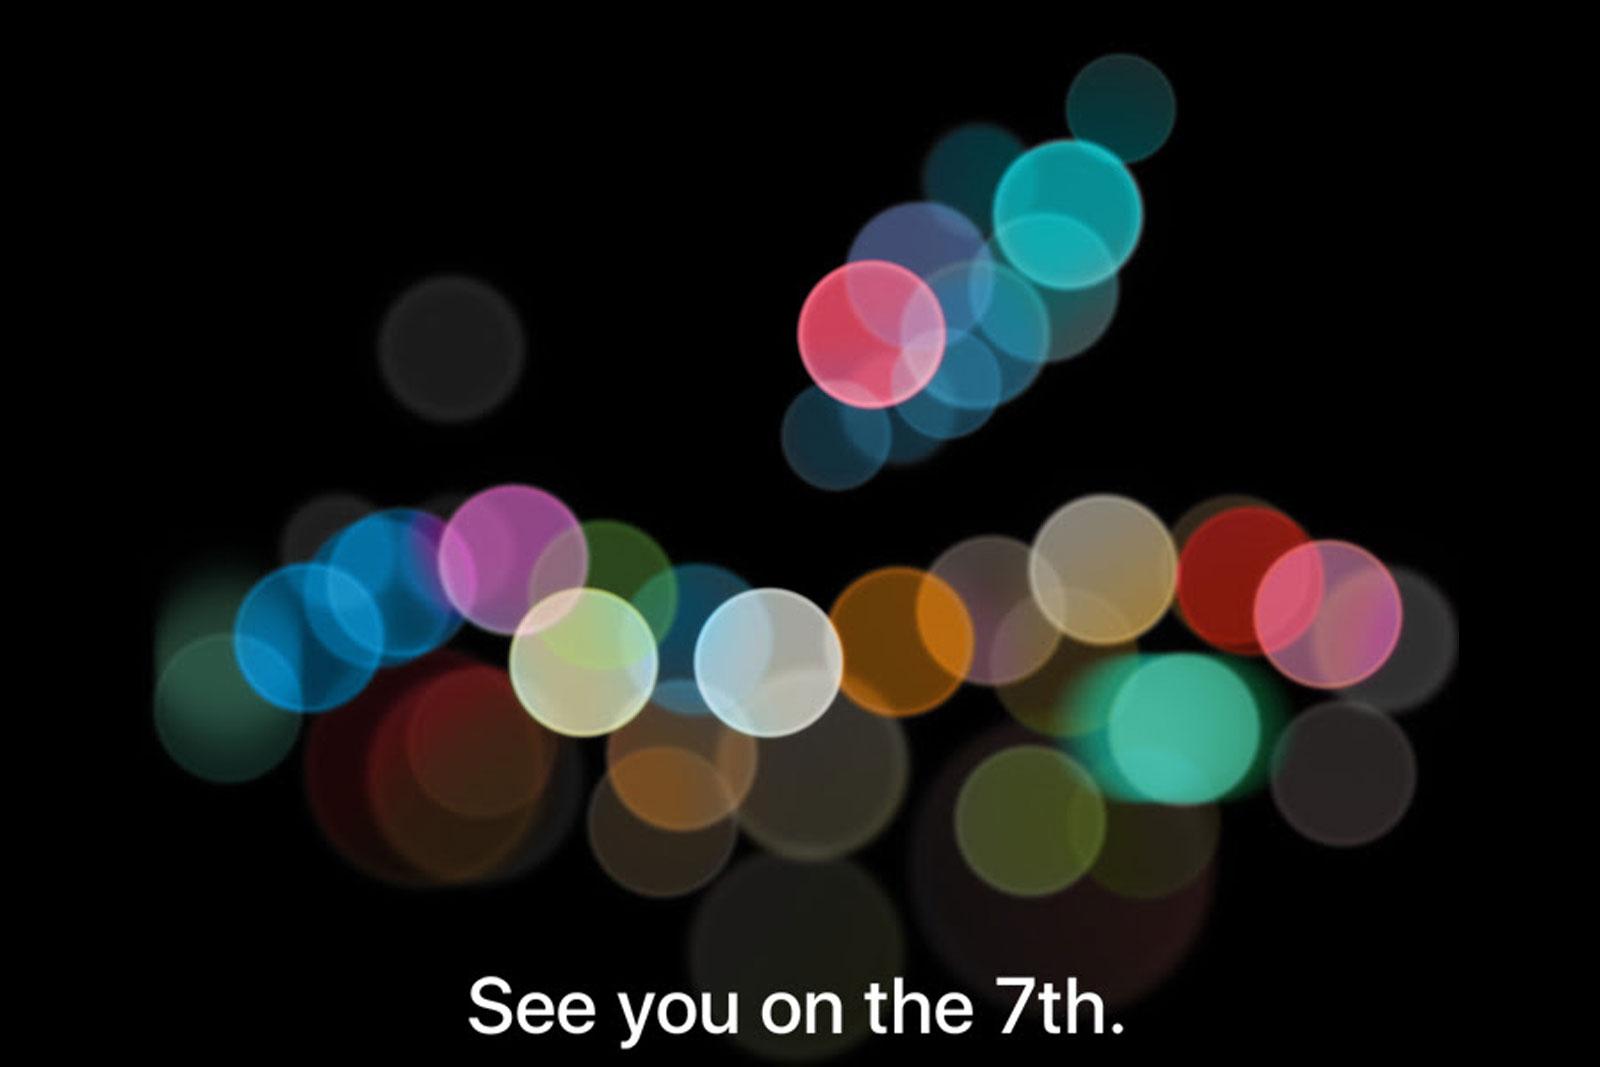 apple-invite-2016